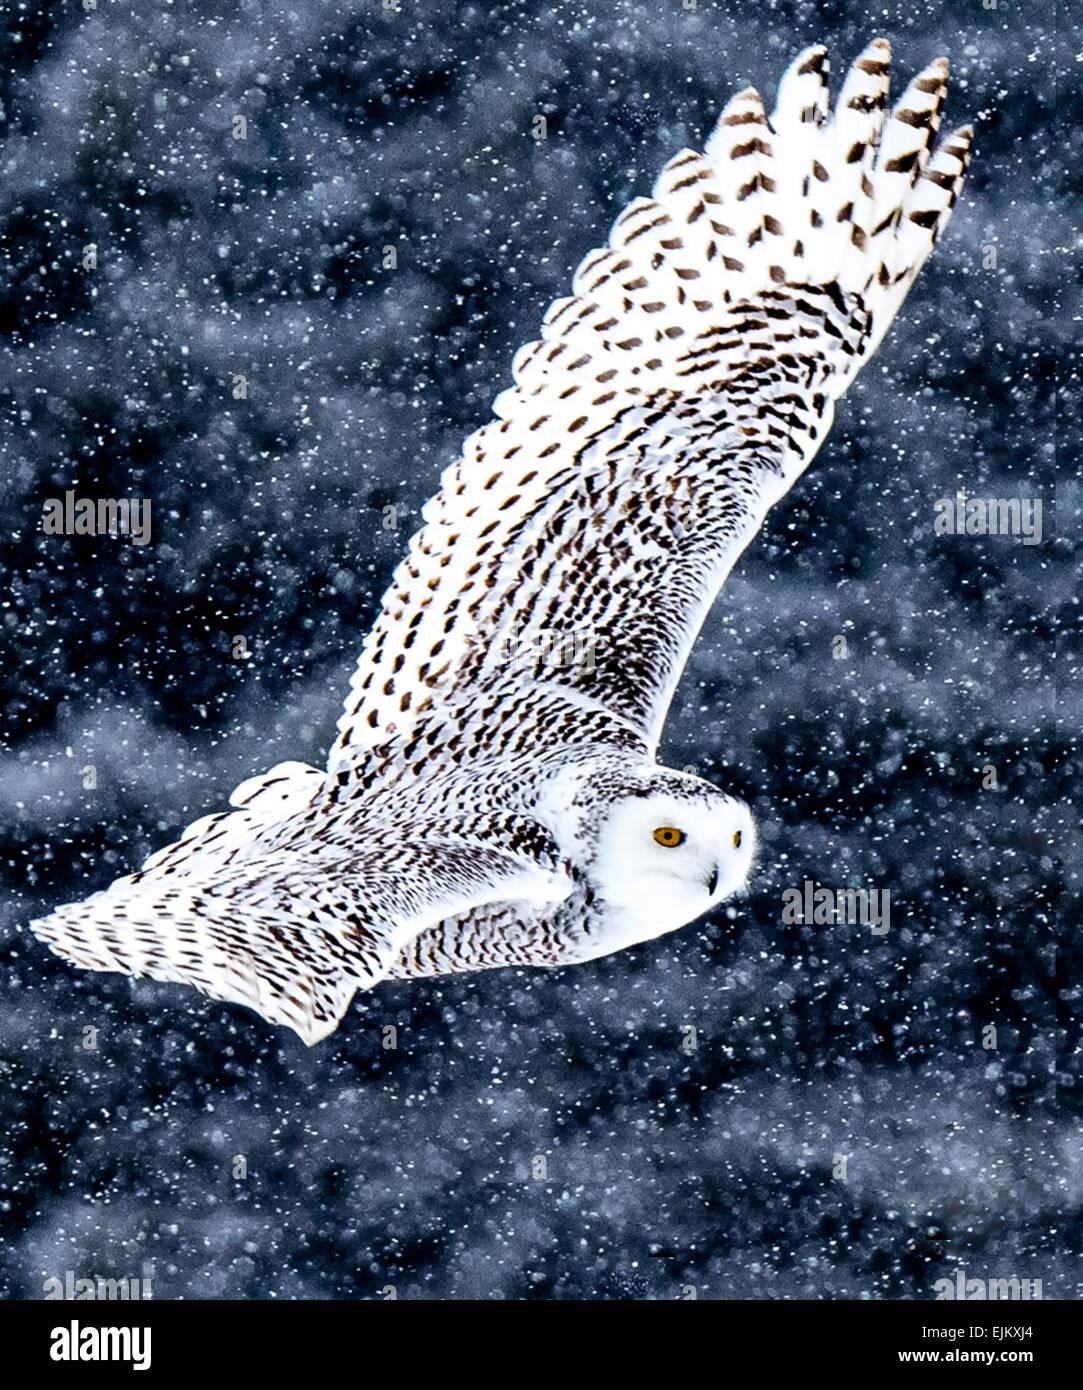 Las lechuzas blancas pueden ser vistos en itinerancia campos en busca de alimentos durante los meses de invierno. Imagen De Stock